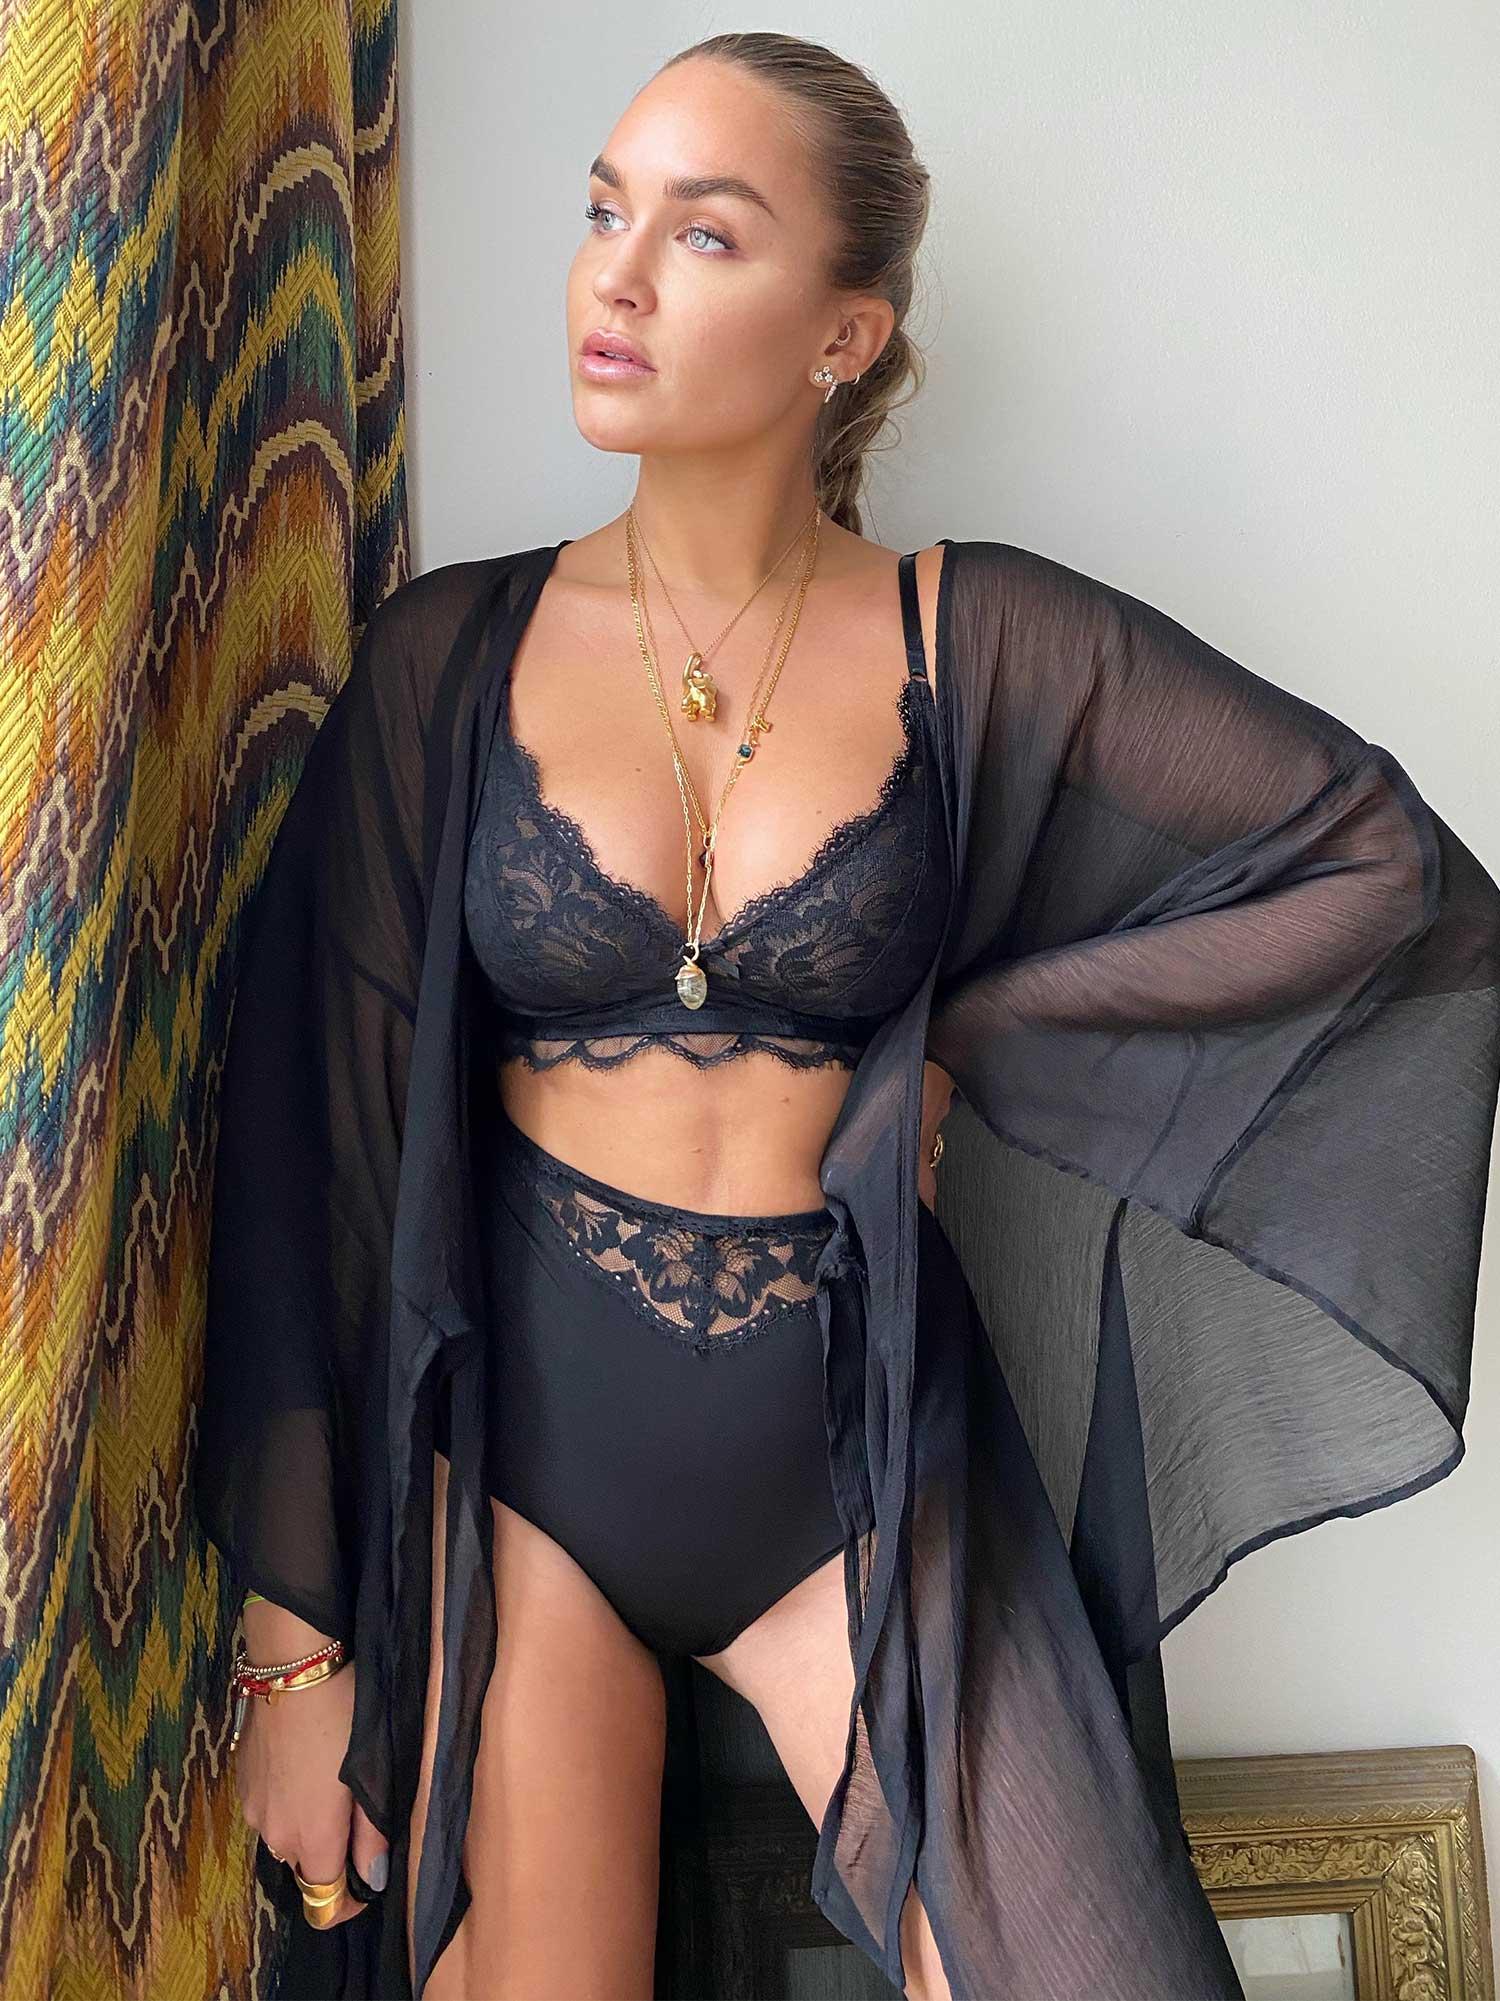 Fashion-Icon Nina Suess begeistert mit den schönsten Modekombinationen | mey®